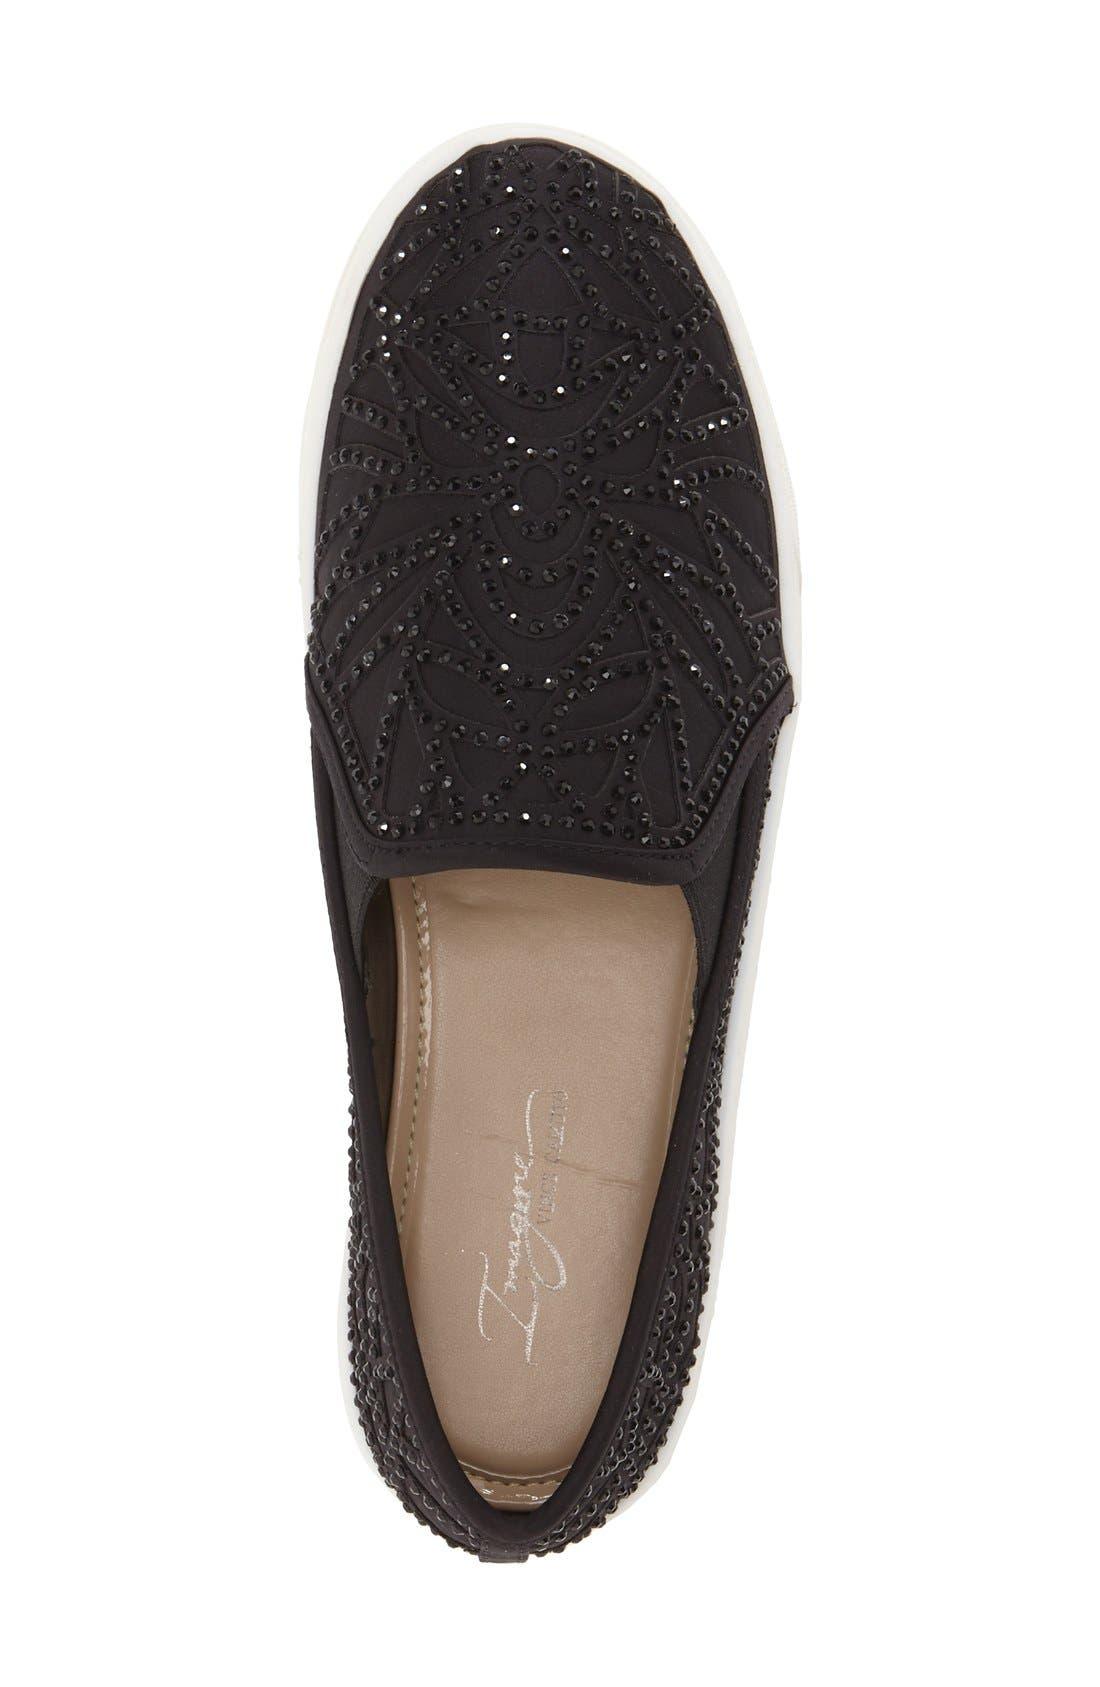 Alternate Image 3  - Vince Camuto 'Imagine Serena' Crystal Embellished Slip-On Sneaker (Women)